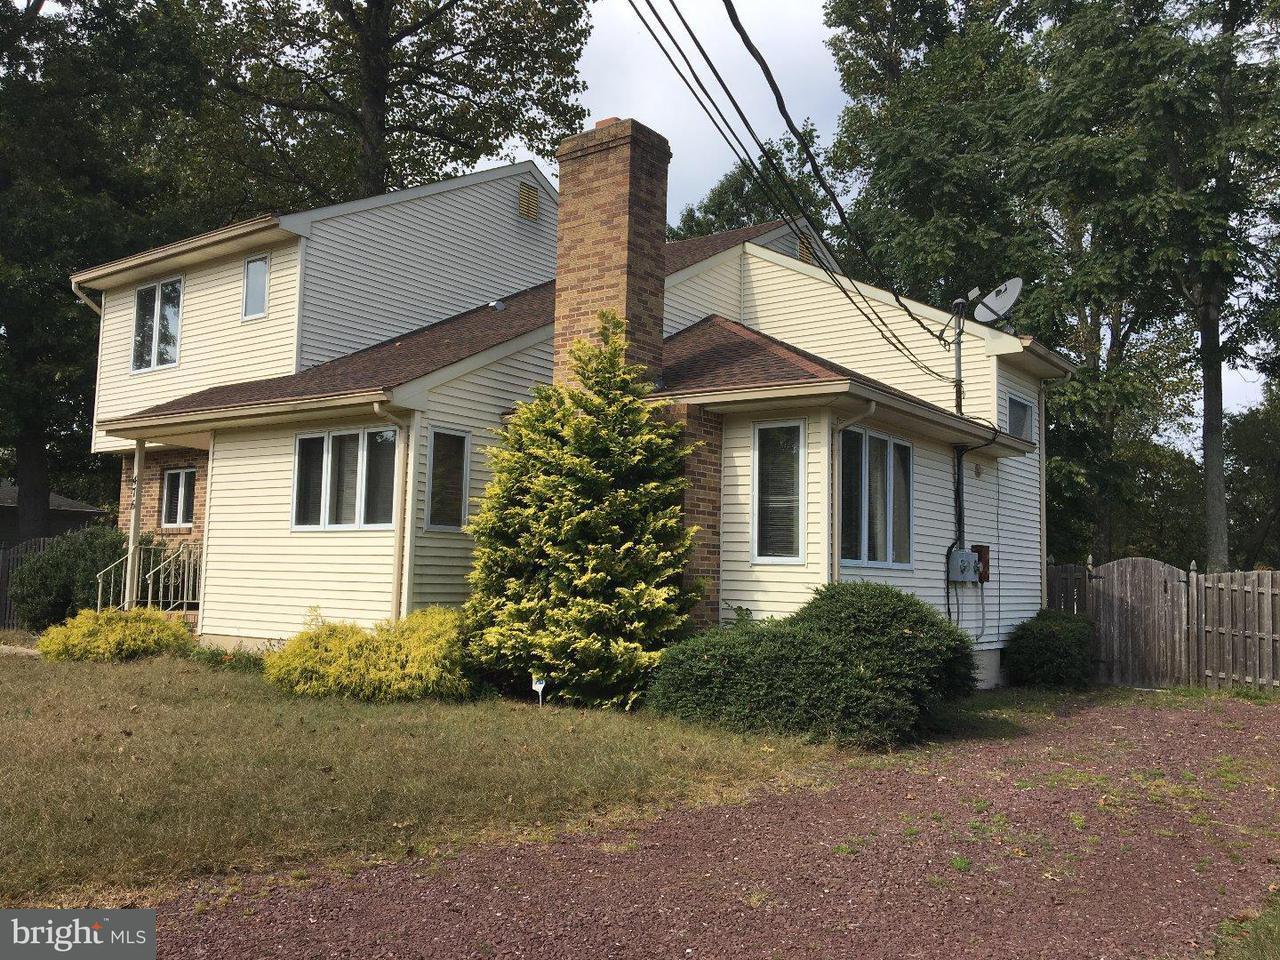 复式单位 为 出租 在 476 W OAK RD WEST Vineland, 新泽西州 08360 美国